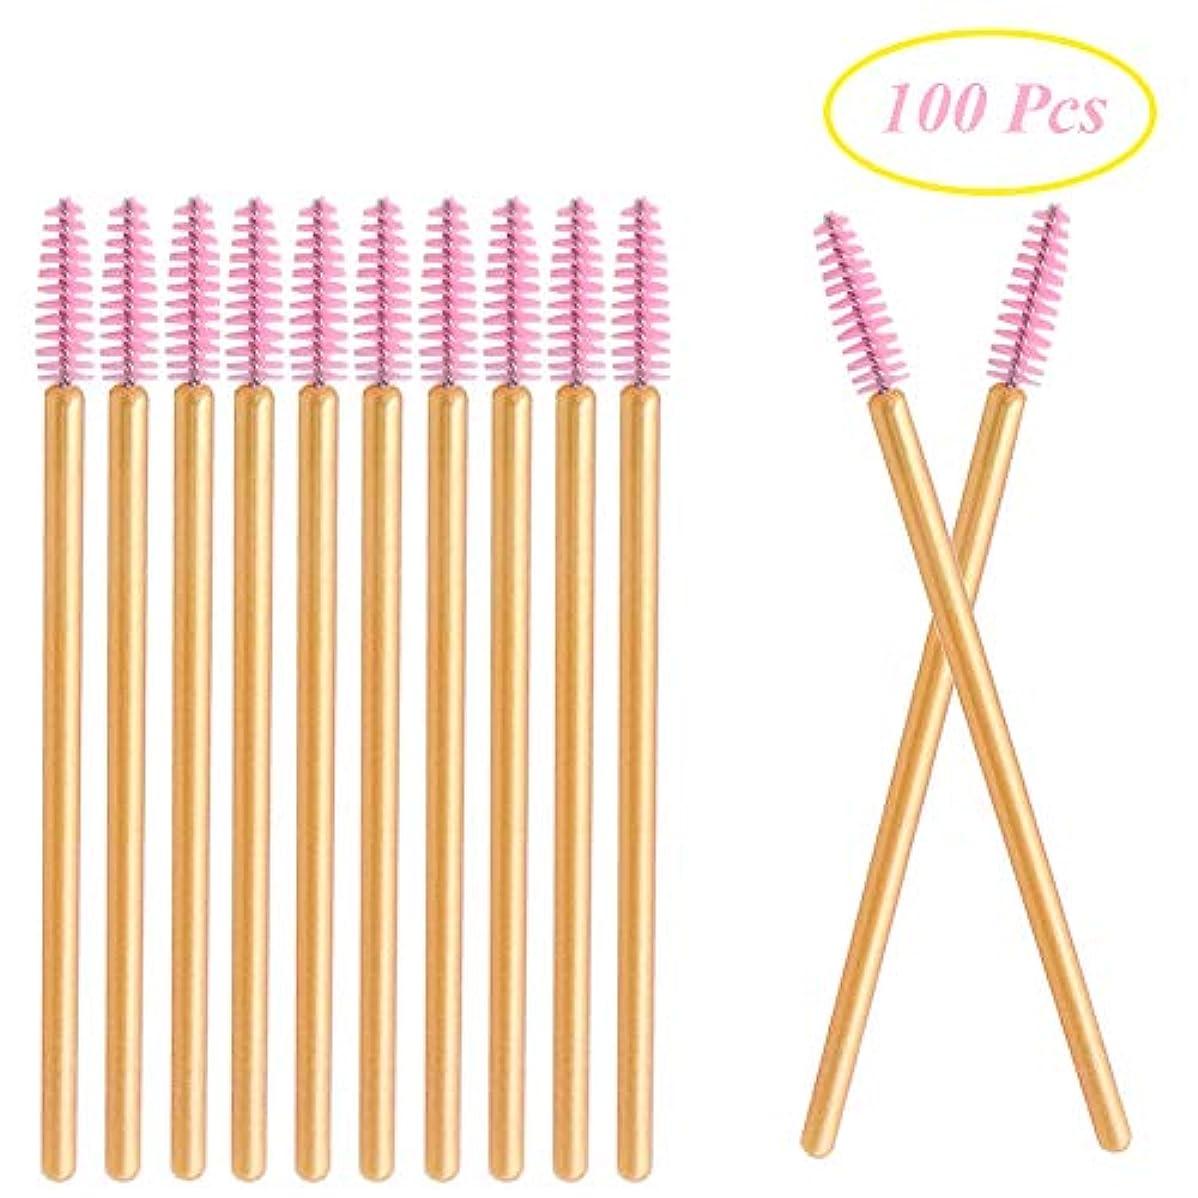 実験をする蒸発するセラフDeksias 100本金色の竿まつげブラシ 使い捨て スクリューブラシ マスカラブラシ まつげコーム メイクブラシ アイメイク 化粧用品 (ピンク)